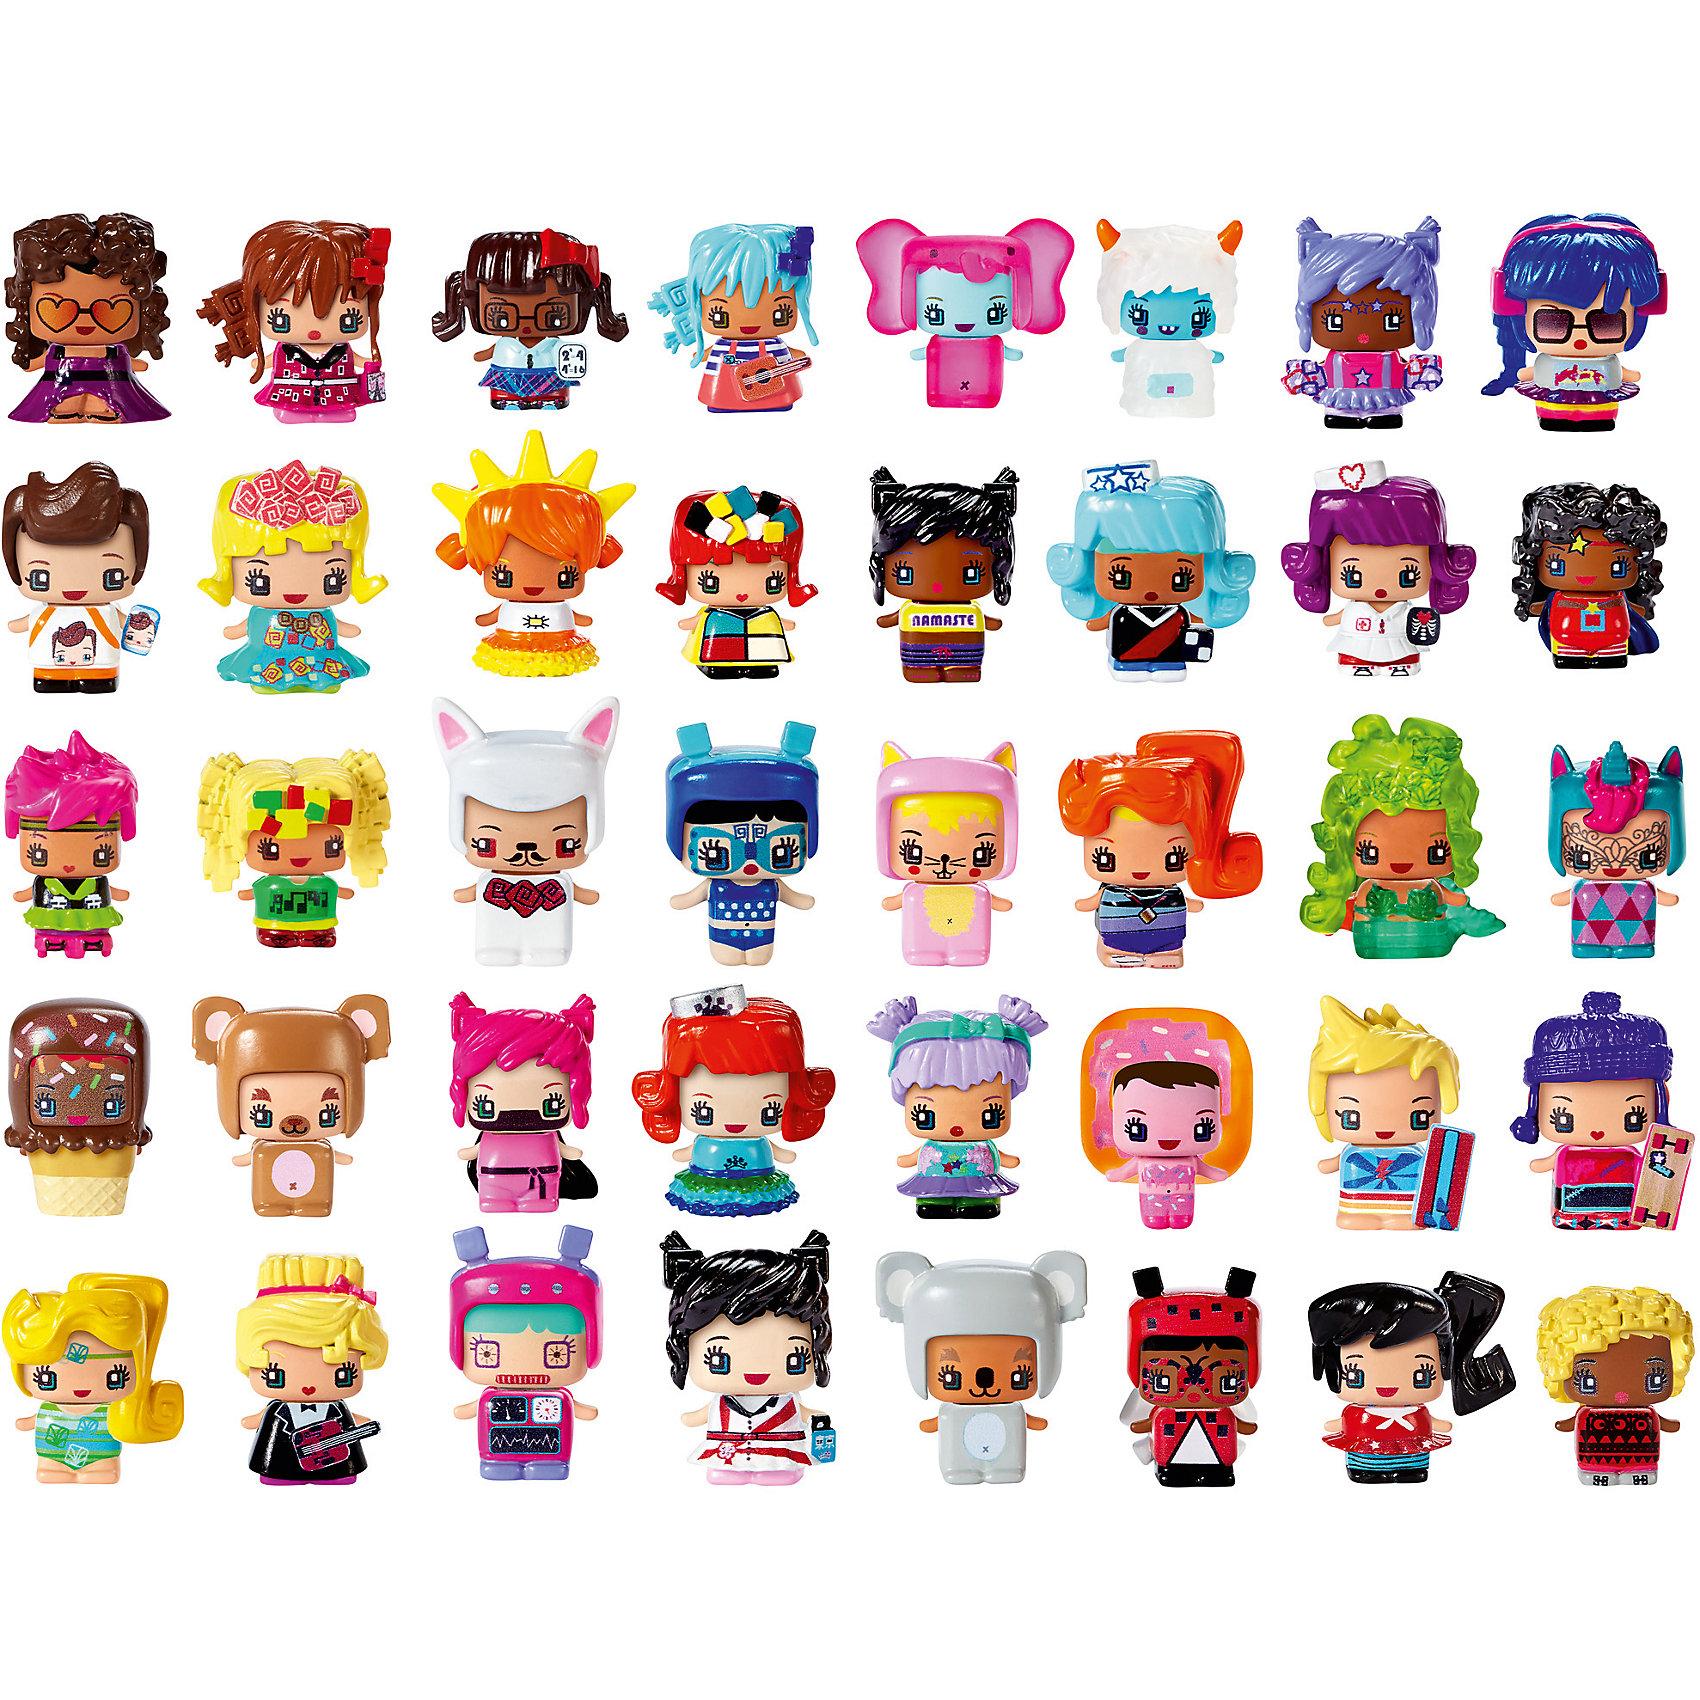 ����� �� ���� ������� My Mini MixieQ�s, � ������������ (Mattel)